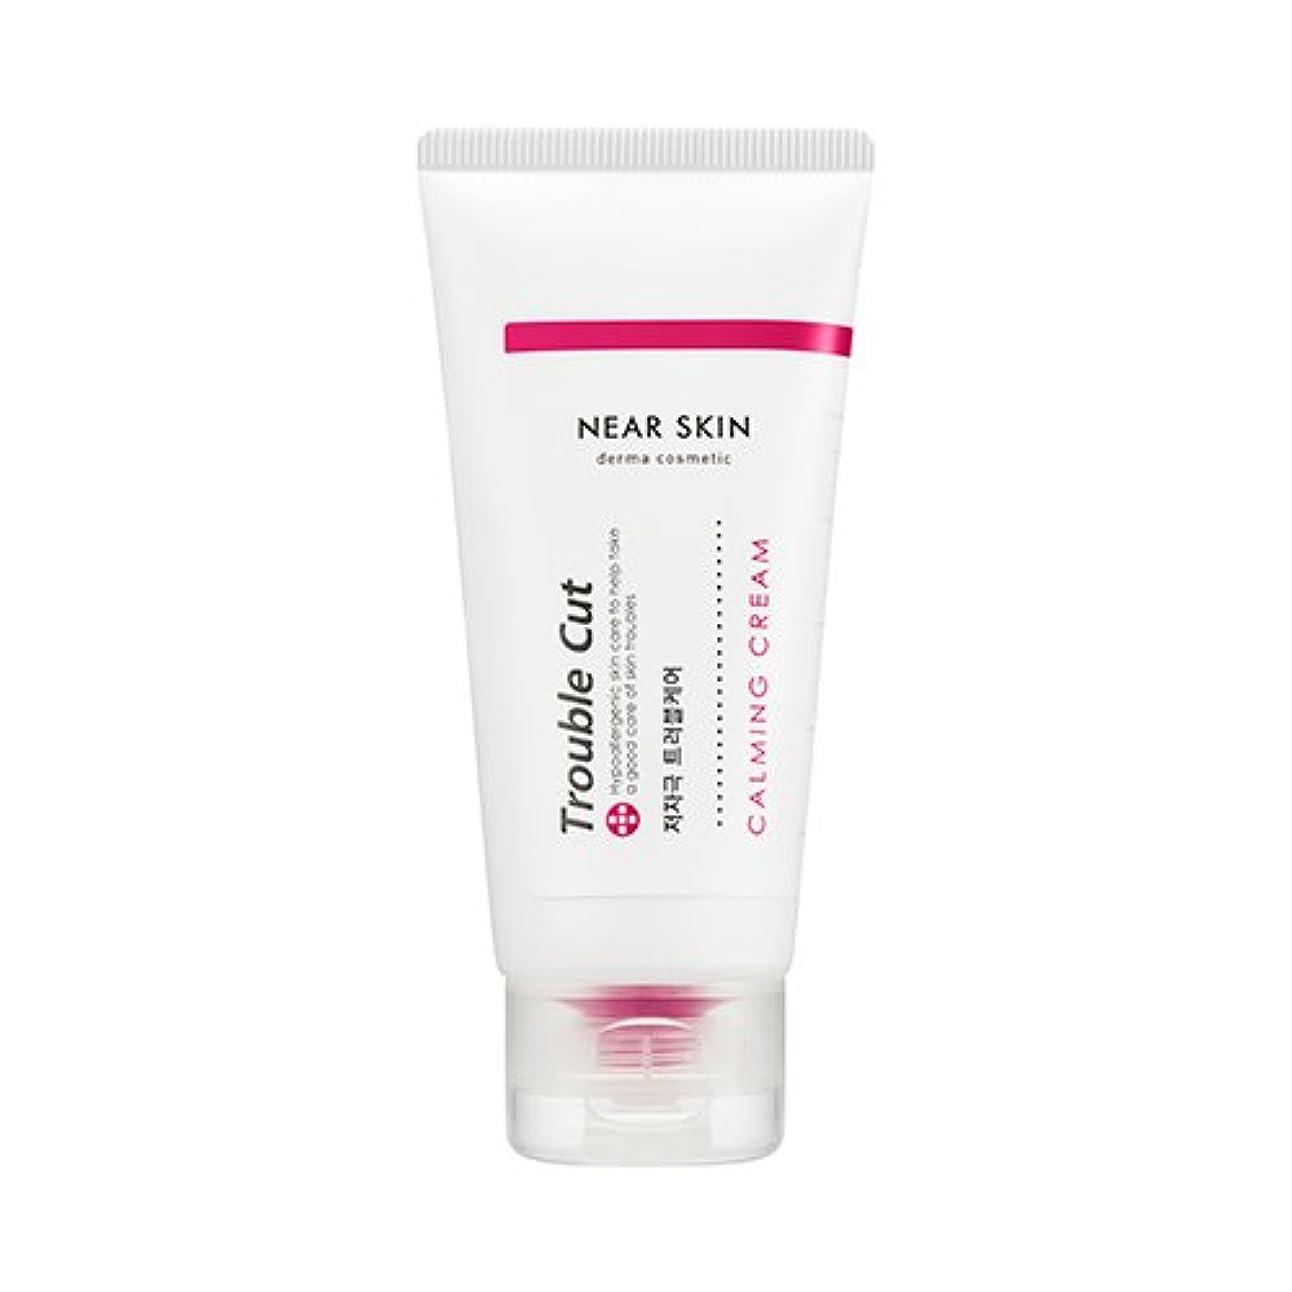 不道徳湖独裁MISSHA [Near Skin] Trouble Cut Calming Cream 20ml / ミシャ ニアスキン トラブルカットカミングクリーム [並行輸入品]